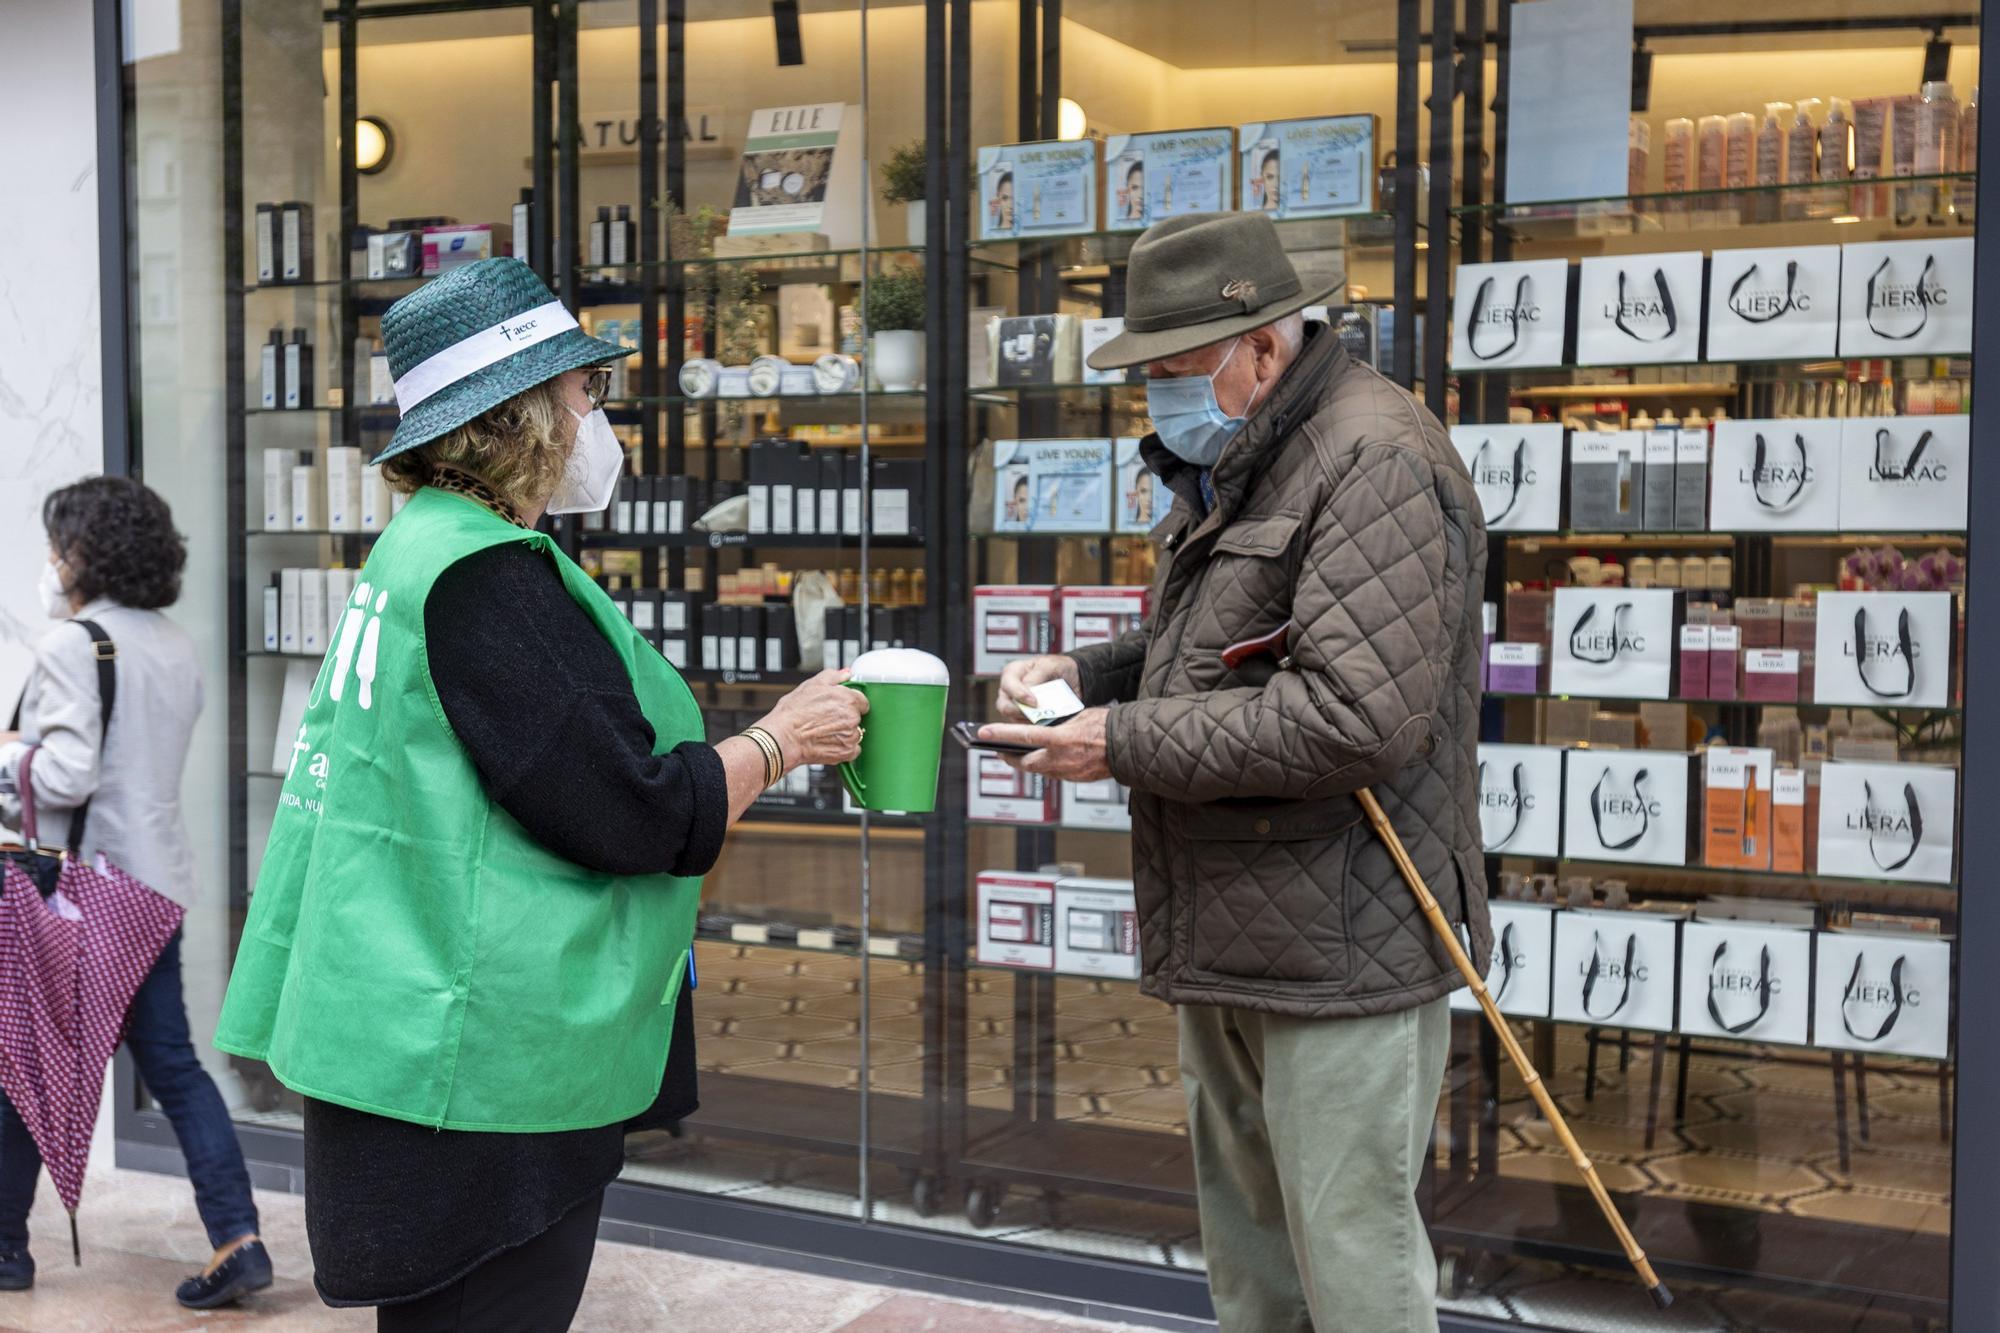 La lucha contra el cáncer en las calles de Oviedo